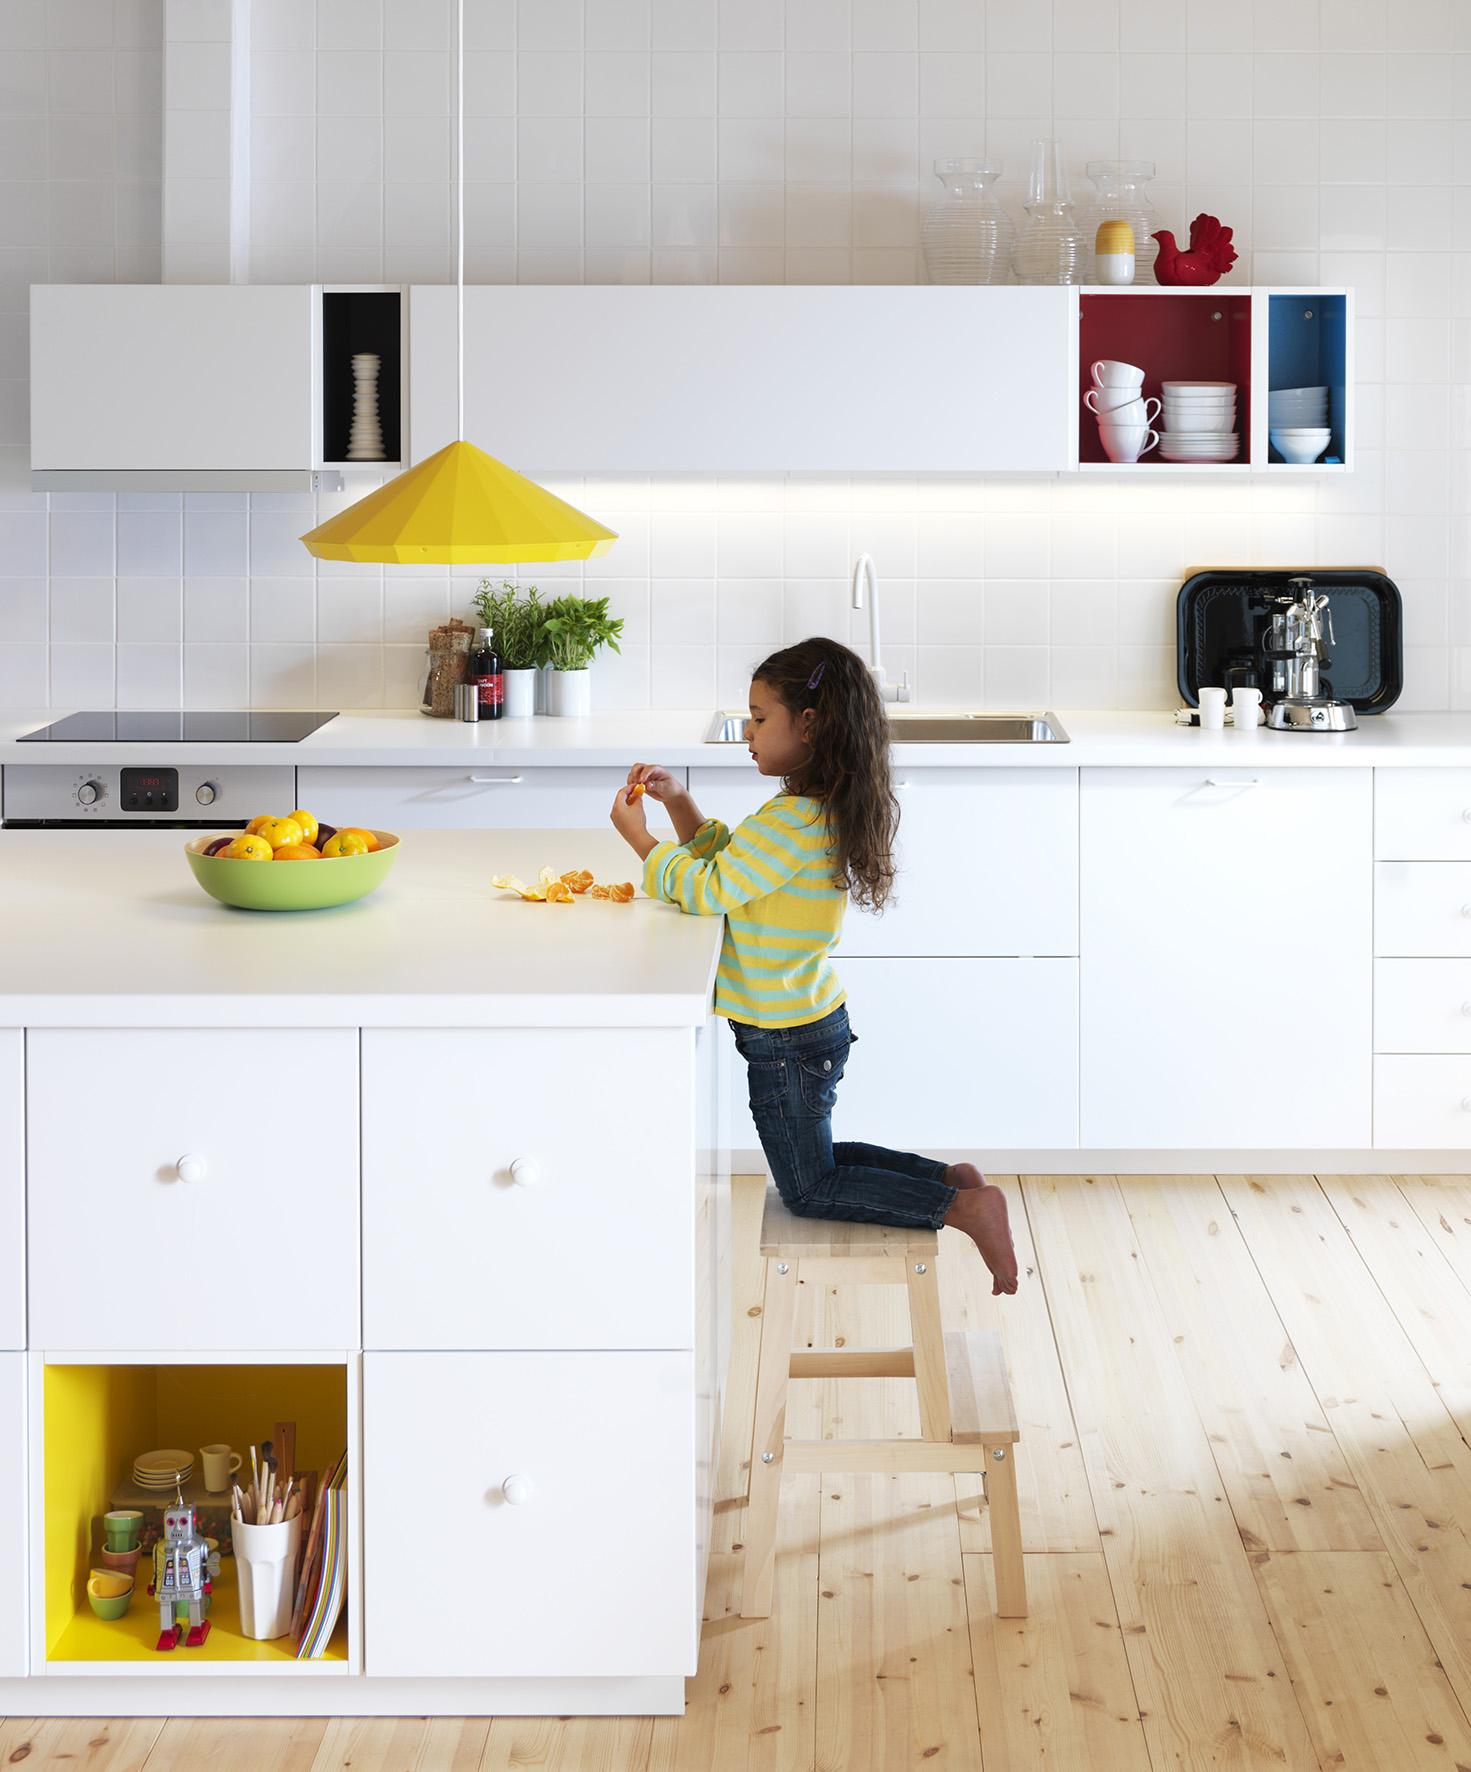 de nieuwe metod keukens van ikea nieuws startpagina voor keuken